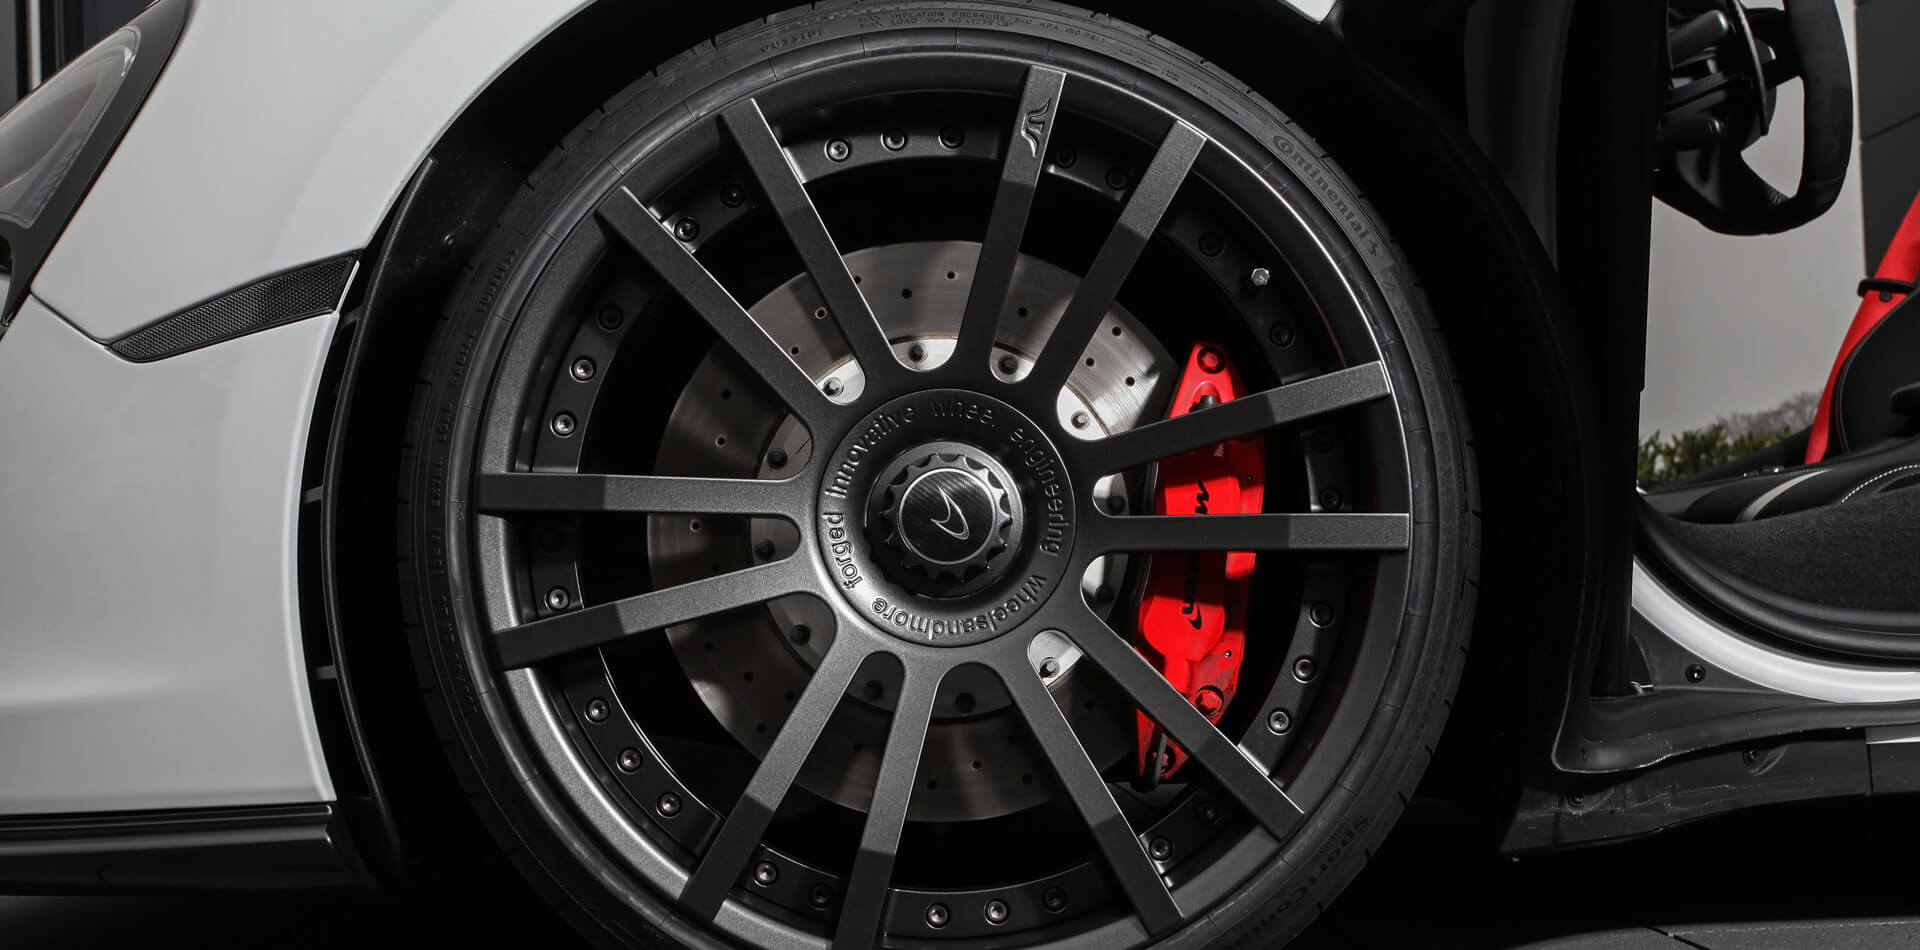 Perfektion im Detail – F.I.W.E. Schmiederad für McLaren in 20 und 21 Zoll